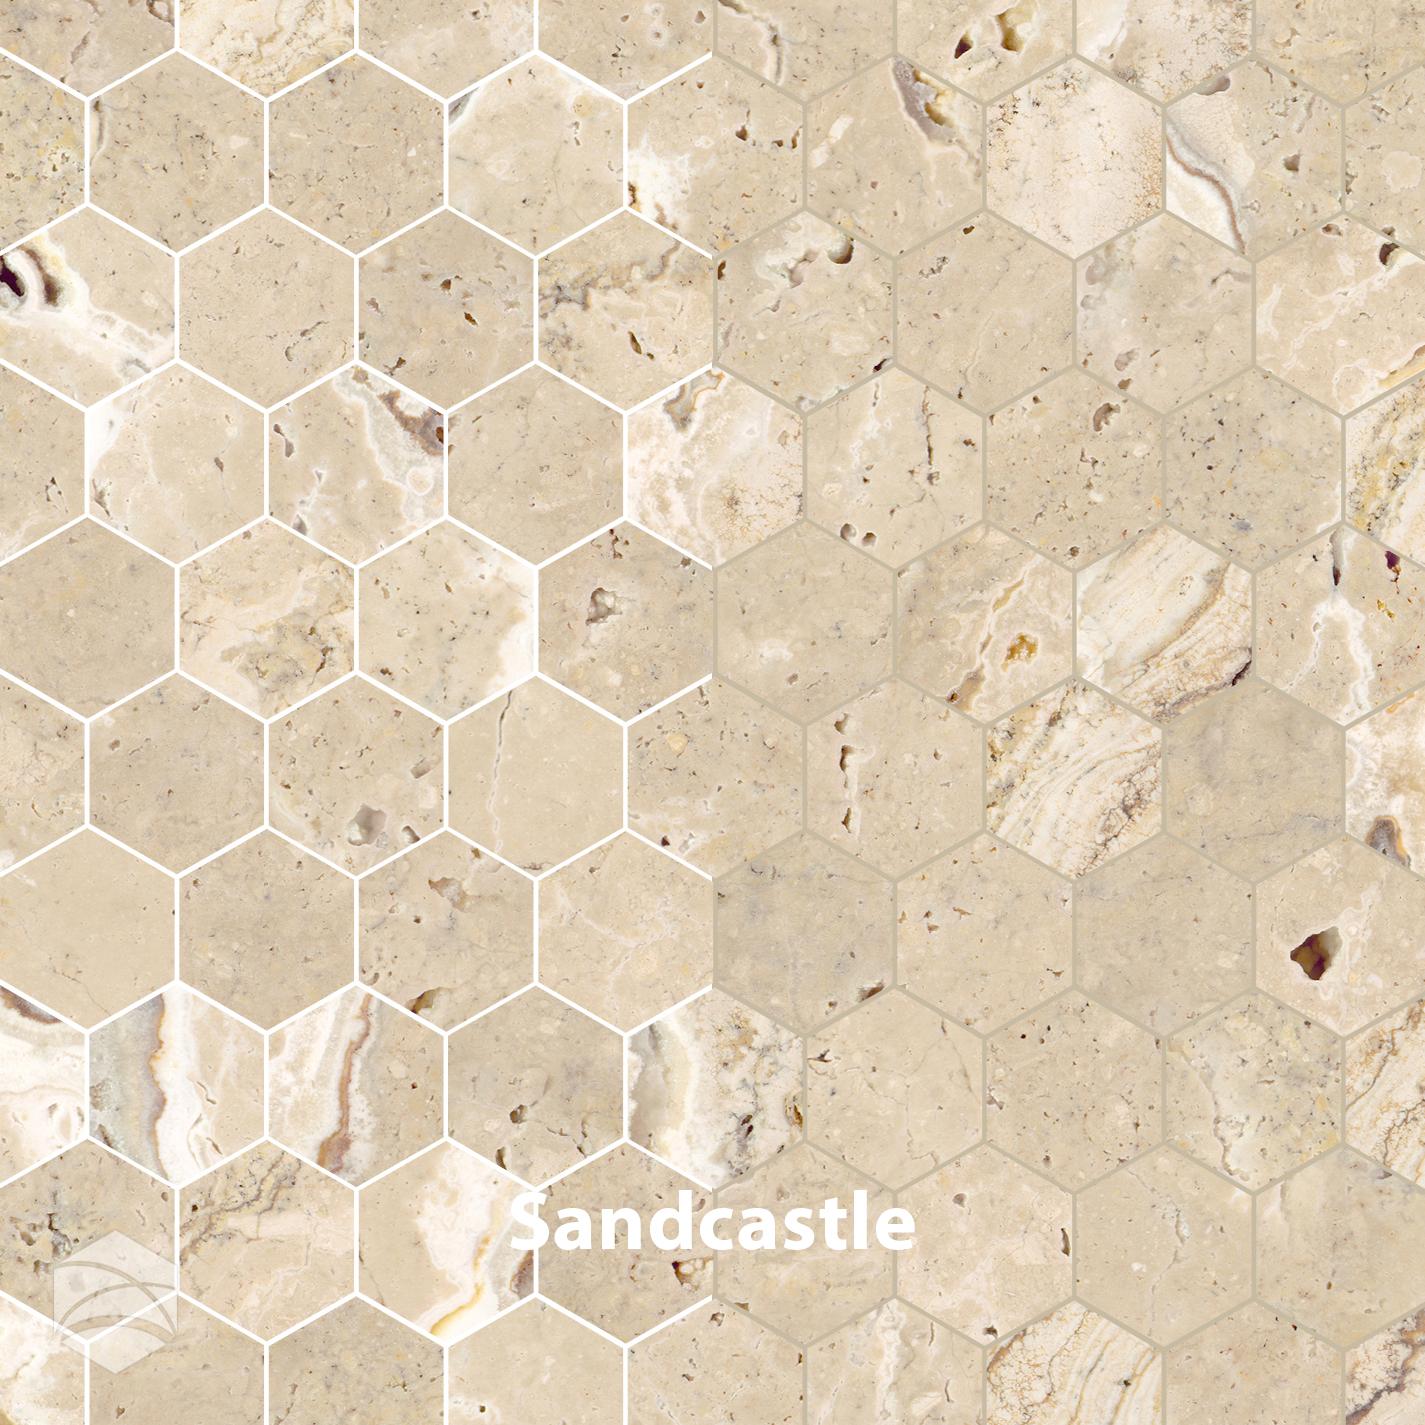 Sandcastle_2 in Hex_V2_14x14.jpg